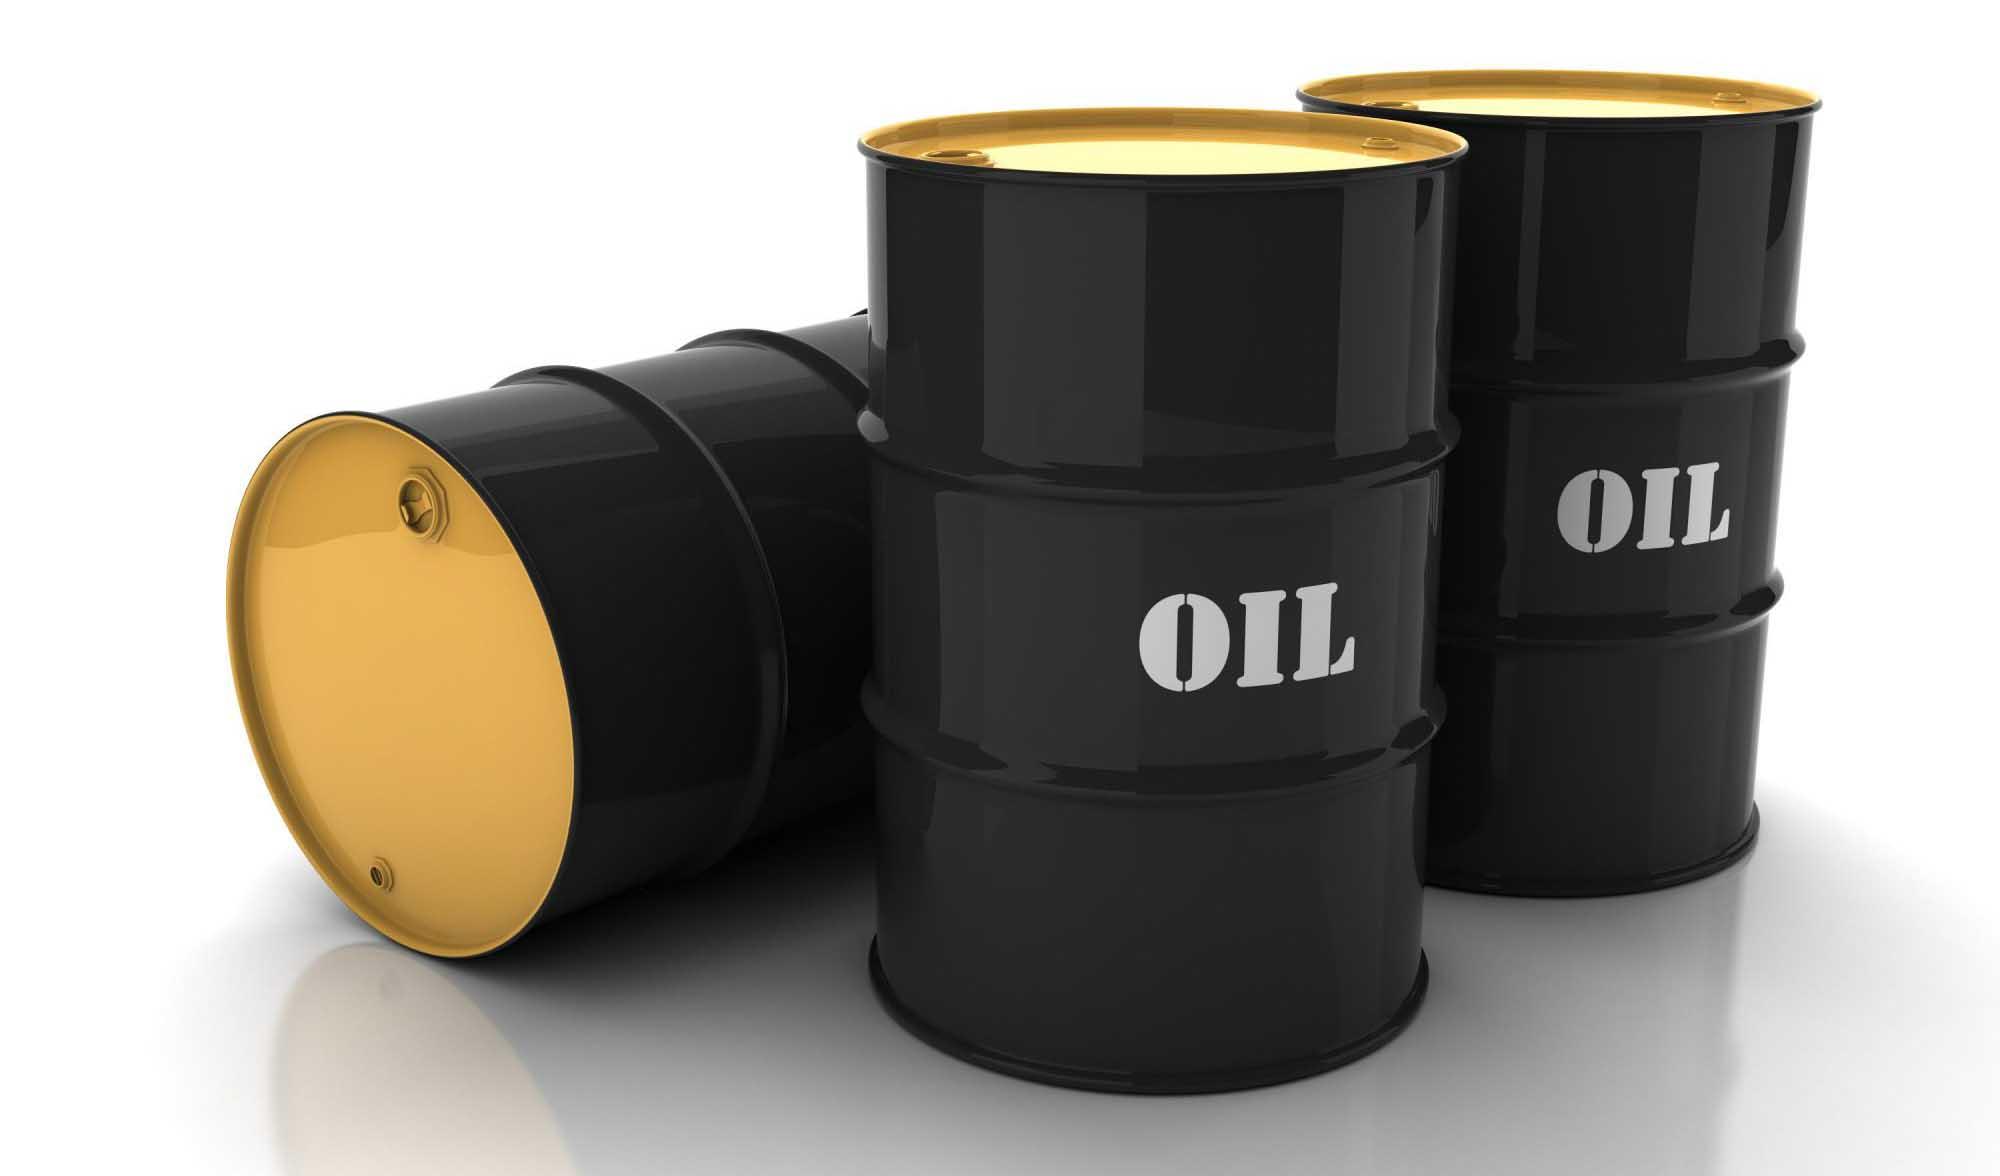 بحران عرضه، قیمت نفت را احتمالاً به بیش از ۱۰۰ دلار میرساند